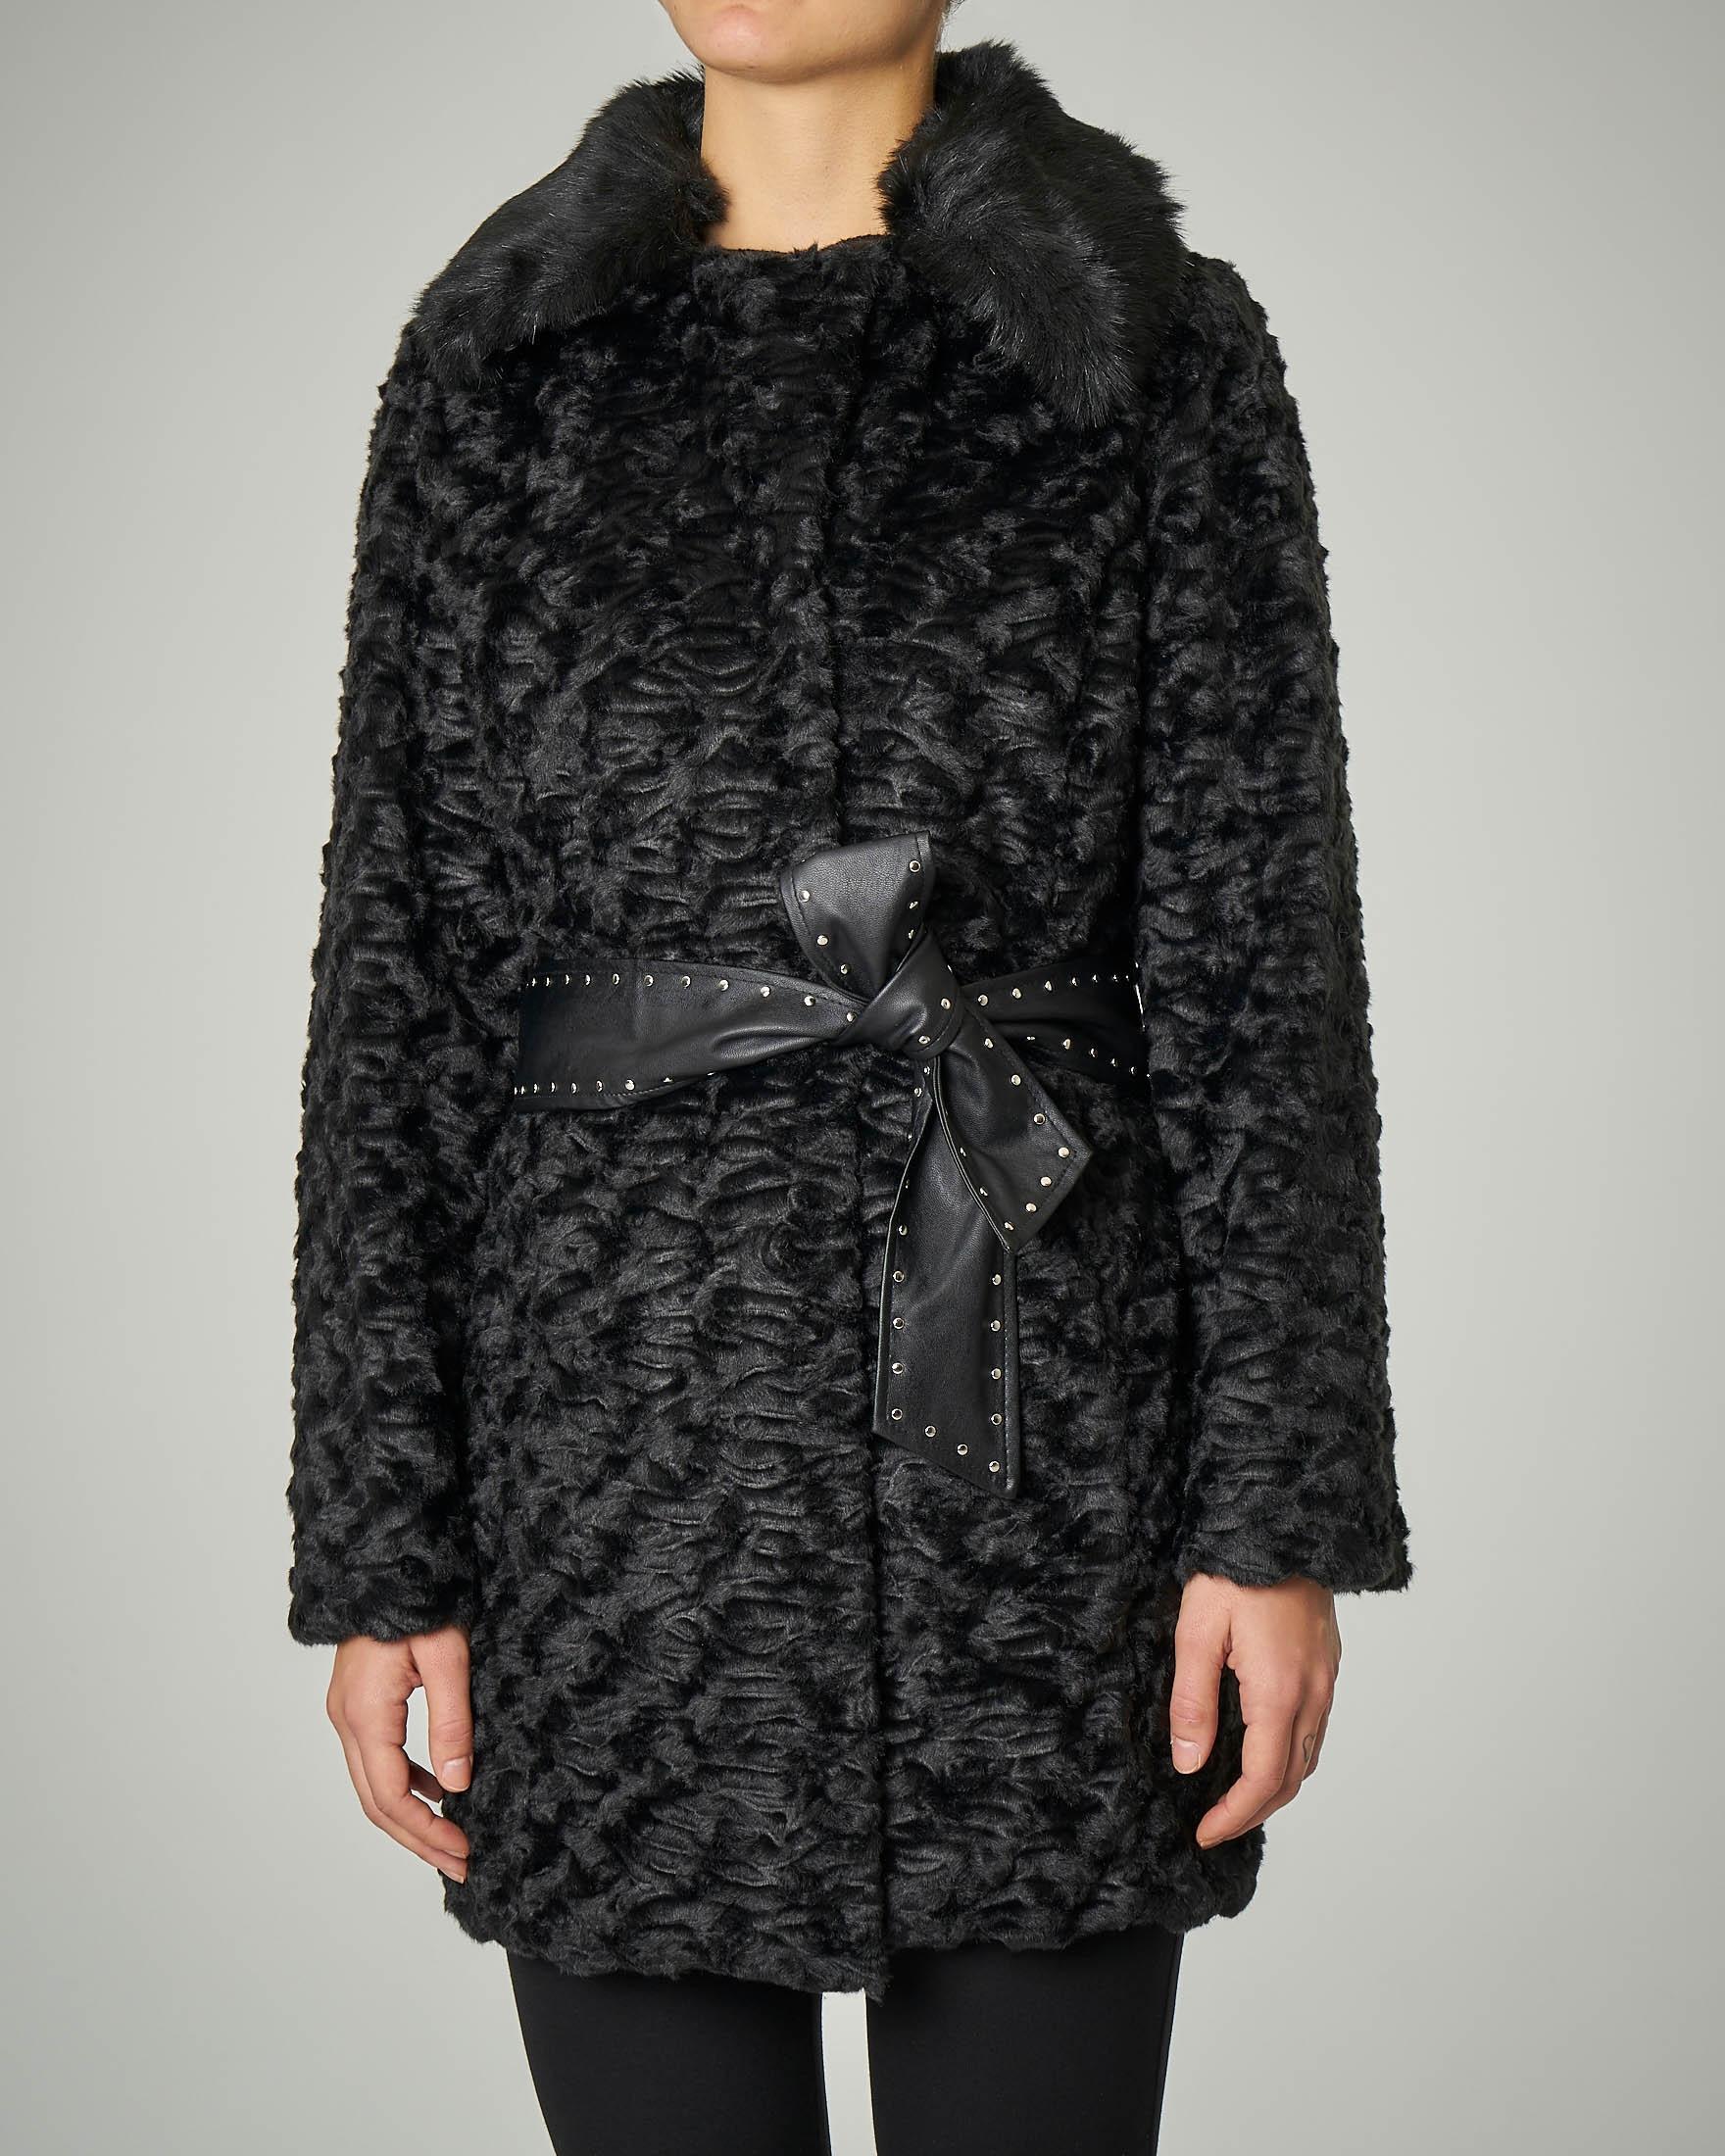 Eco pelliccia effetto astracan nera con collo effetto volpe